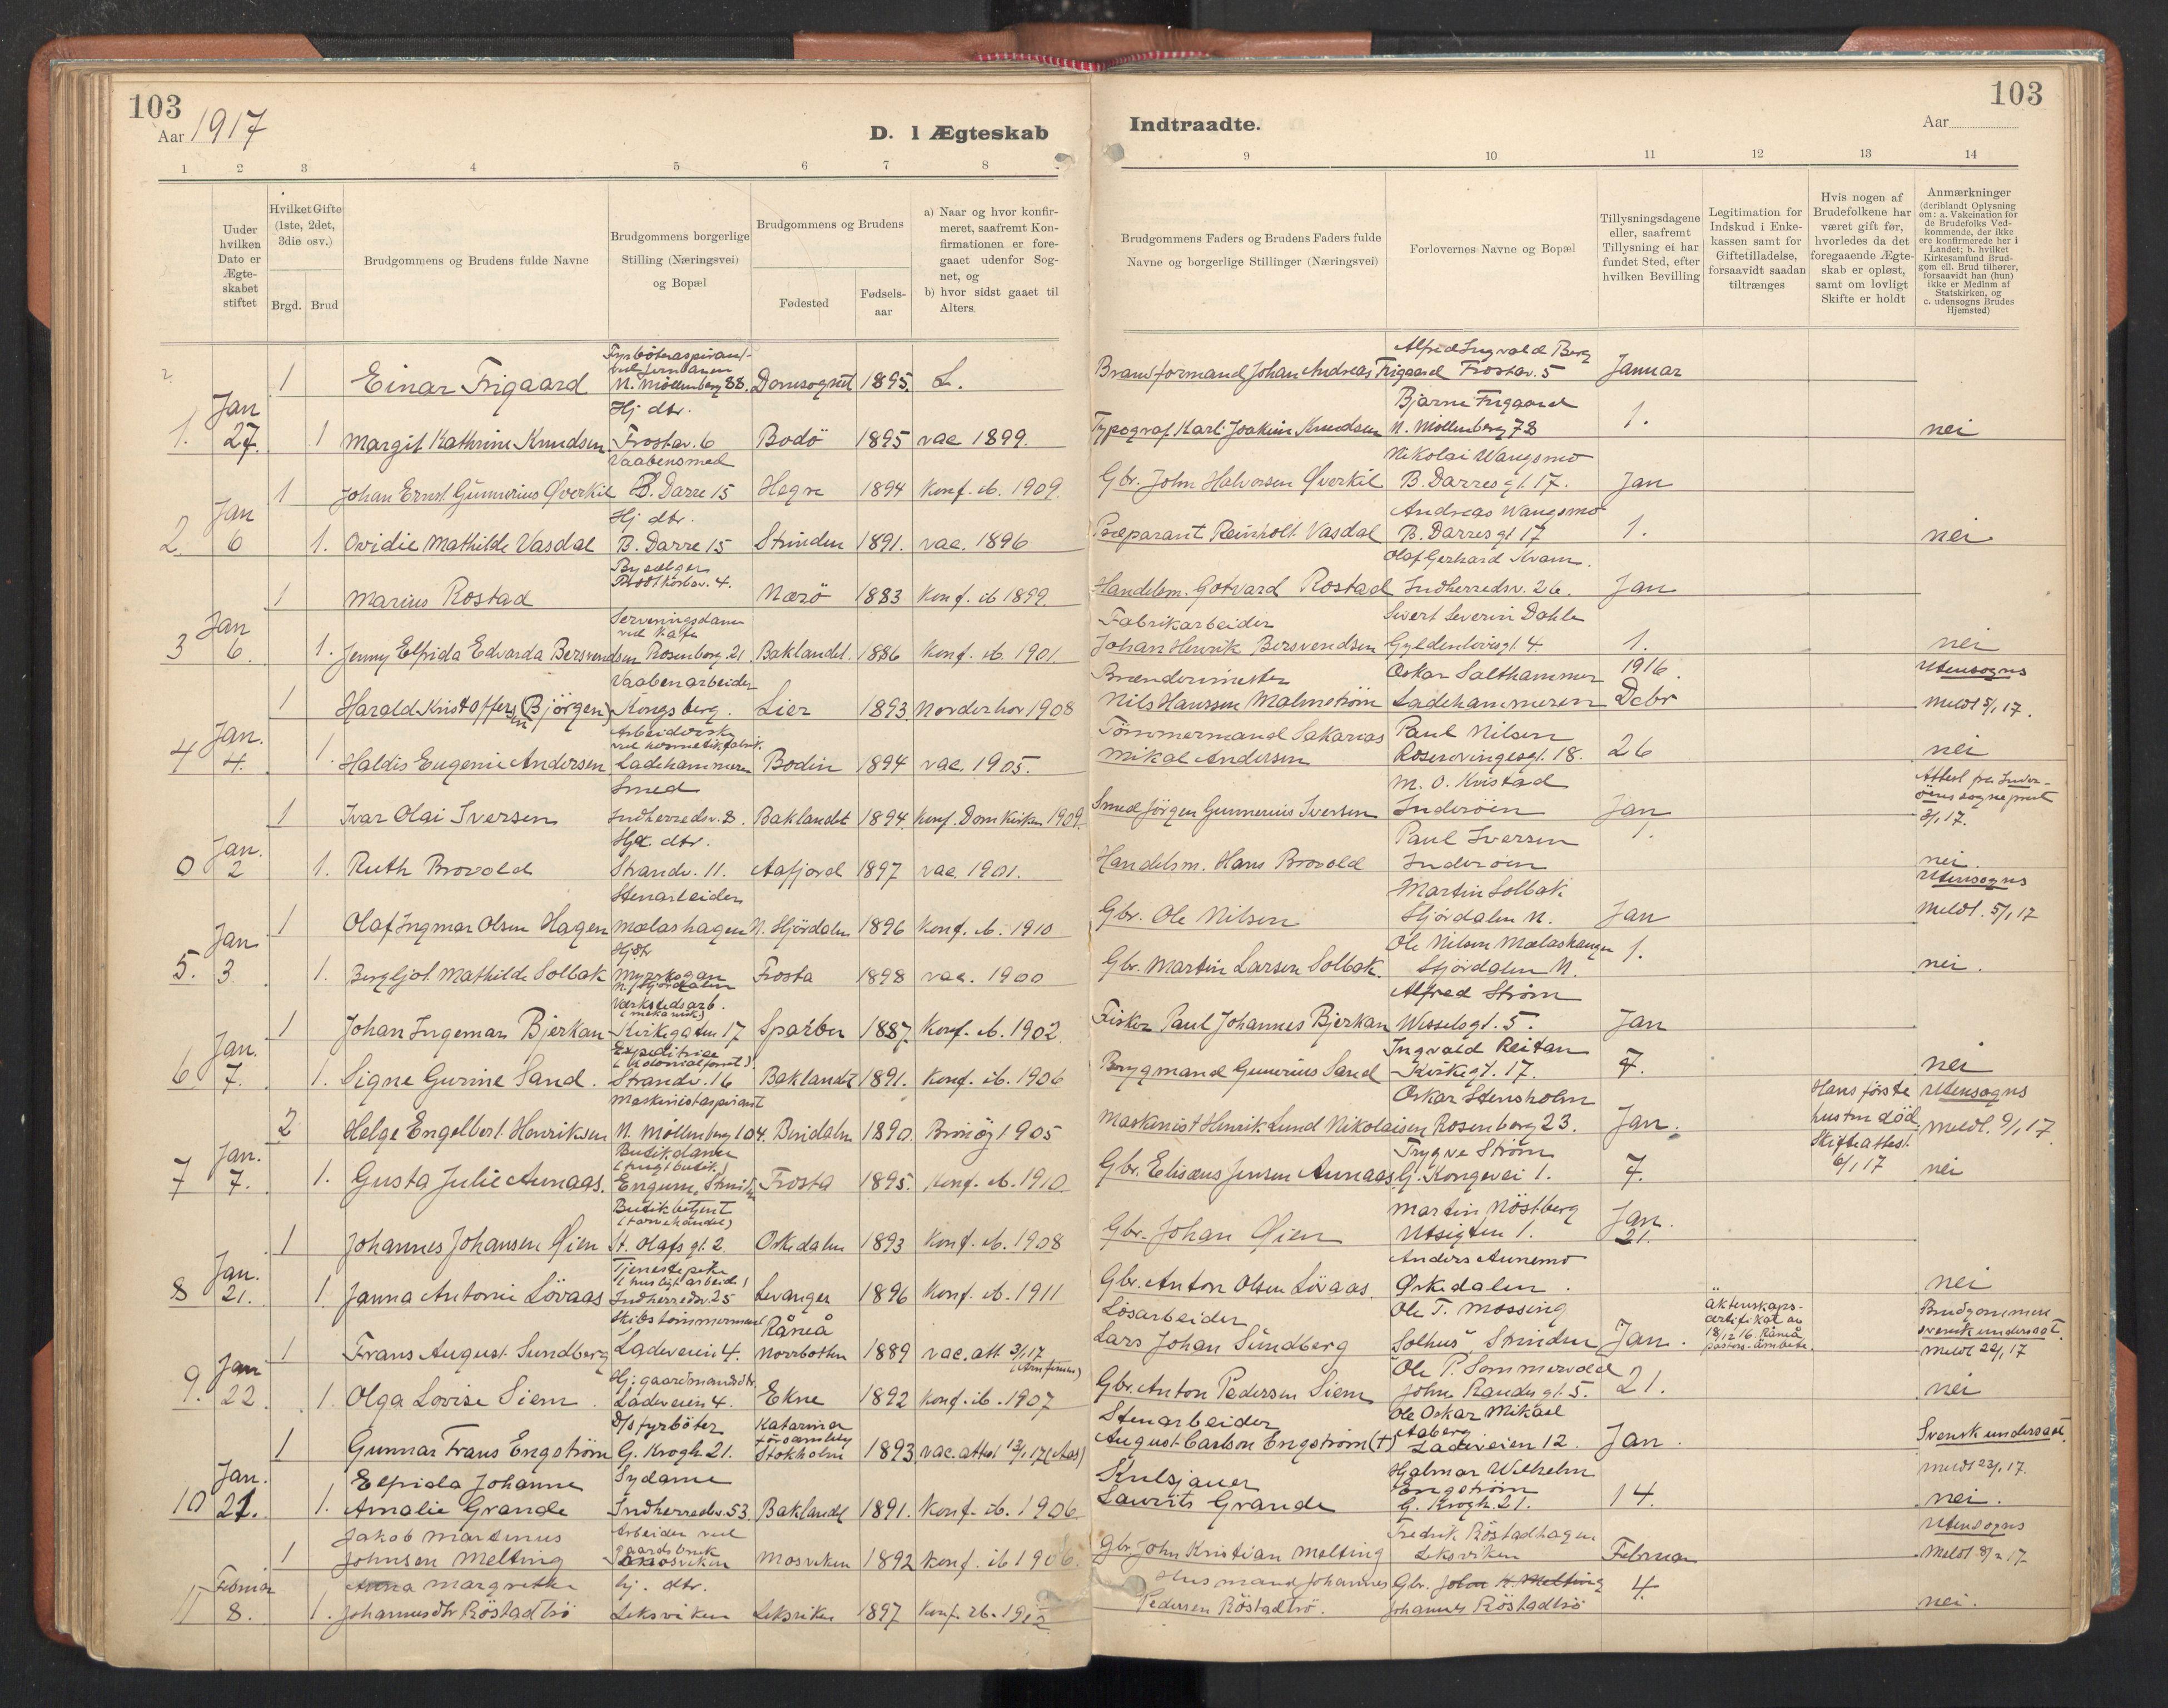 SAT, Ministerialprotokoller, klokkerbøker og fødselsregistre - Sør-Trøndelag, 605/L0244: Ministerialbok nr. 605A06, 1908-1954, s. 103